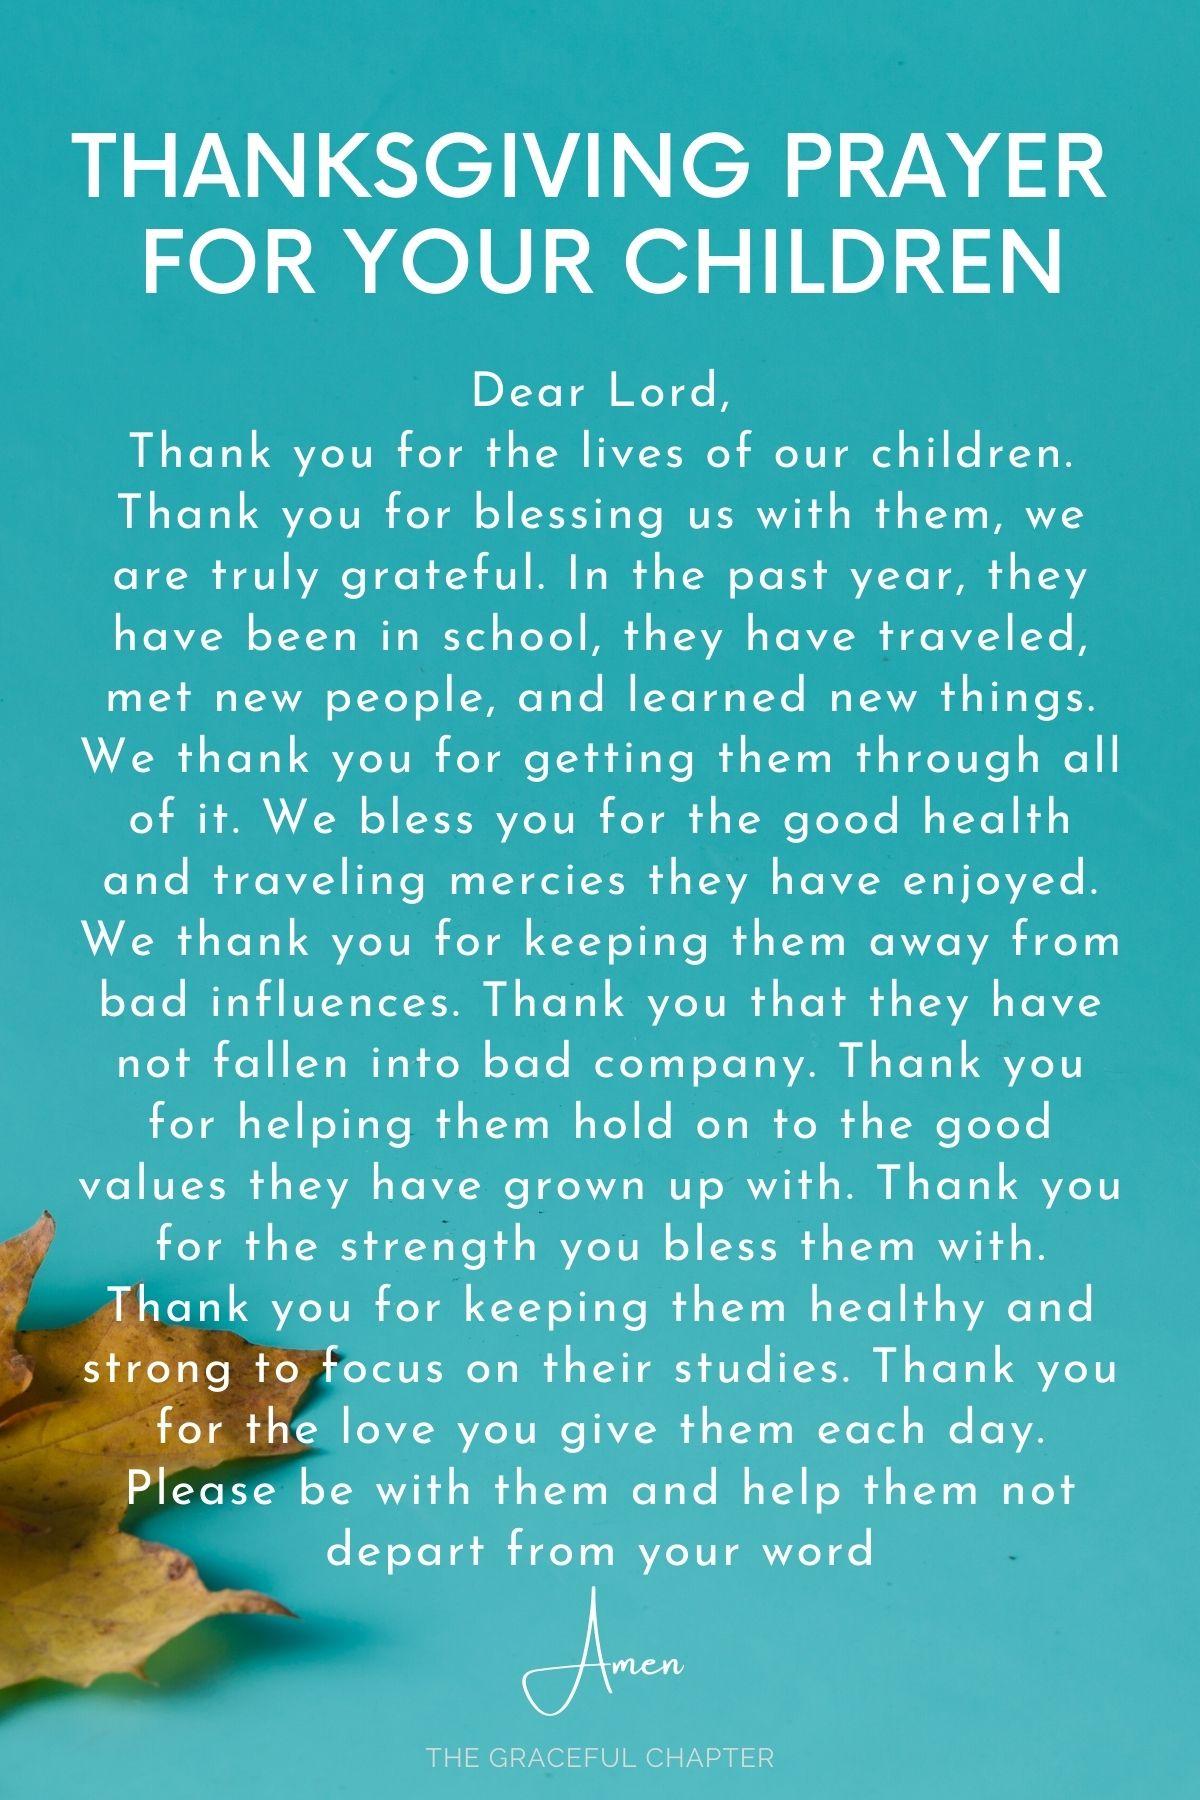 Thanksgiving prayer for your children